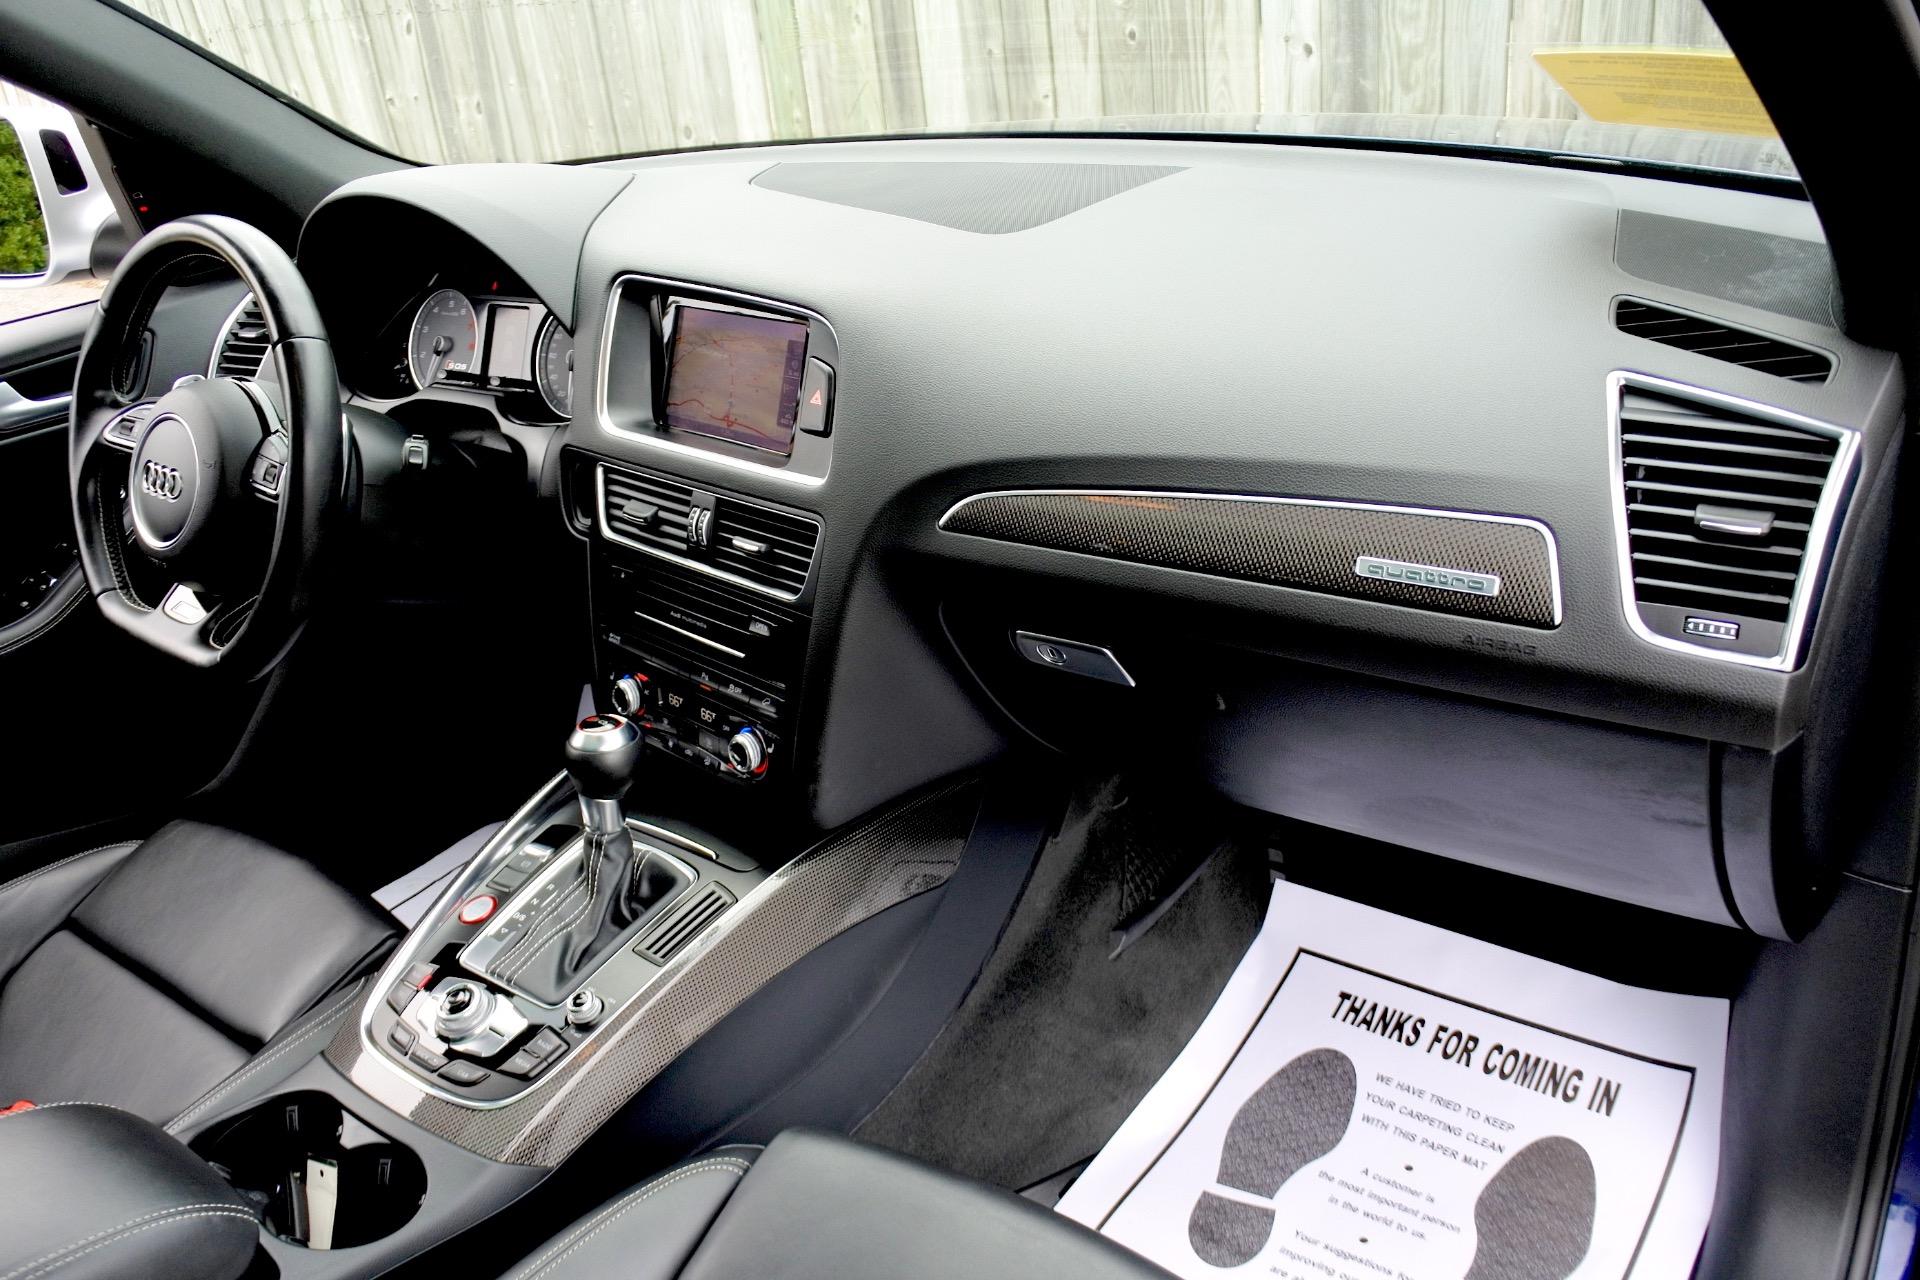 Used 2014 Audi Sq5 3.0 Quattro Used 2014 Audi Sq5 3.0 Quattro for sale  at Metro West Motorcars LLC in Shrewsbury MA 22